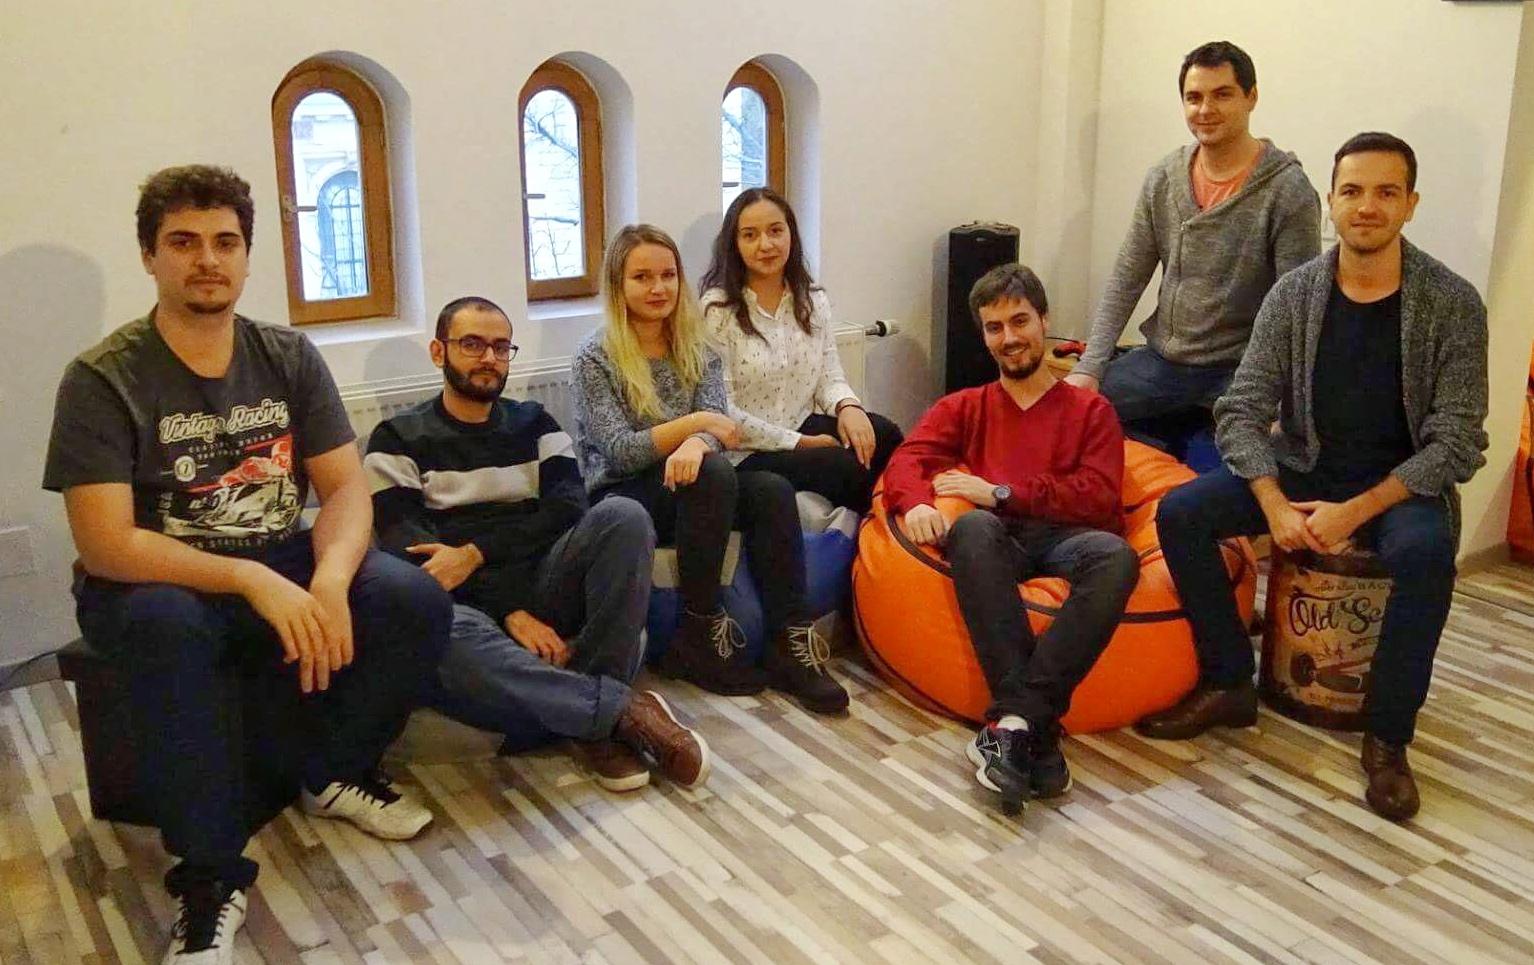 Angajații Gentlab sunt încurajați să își pună în aplicare ideile